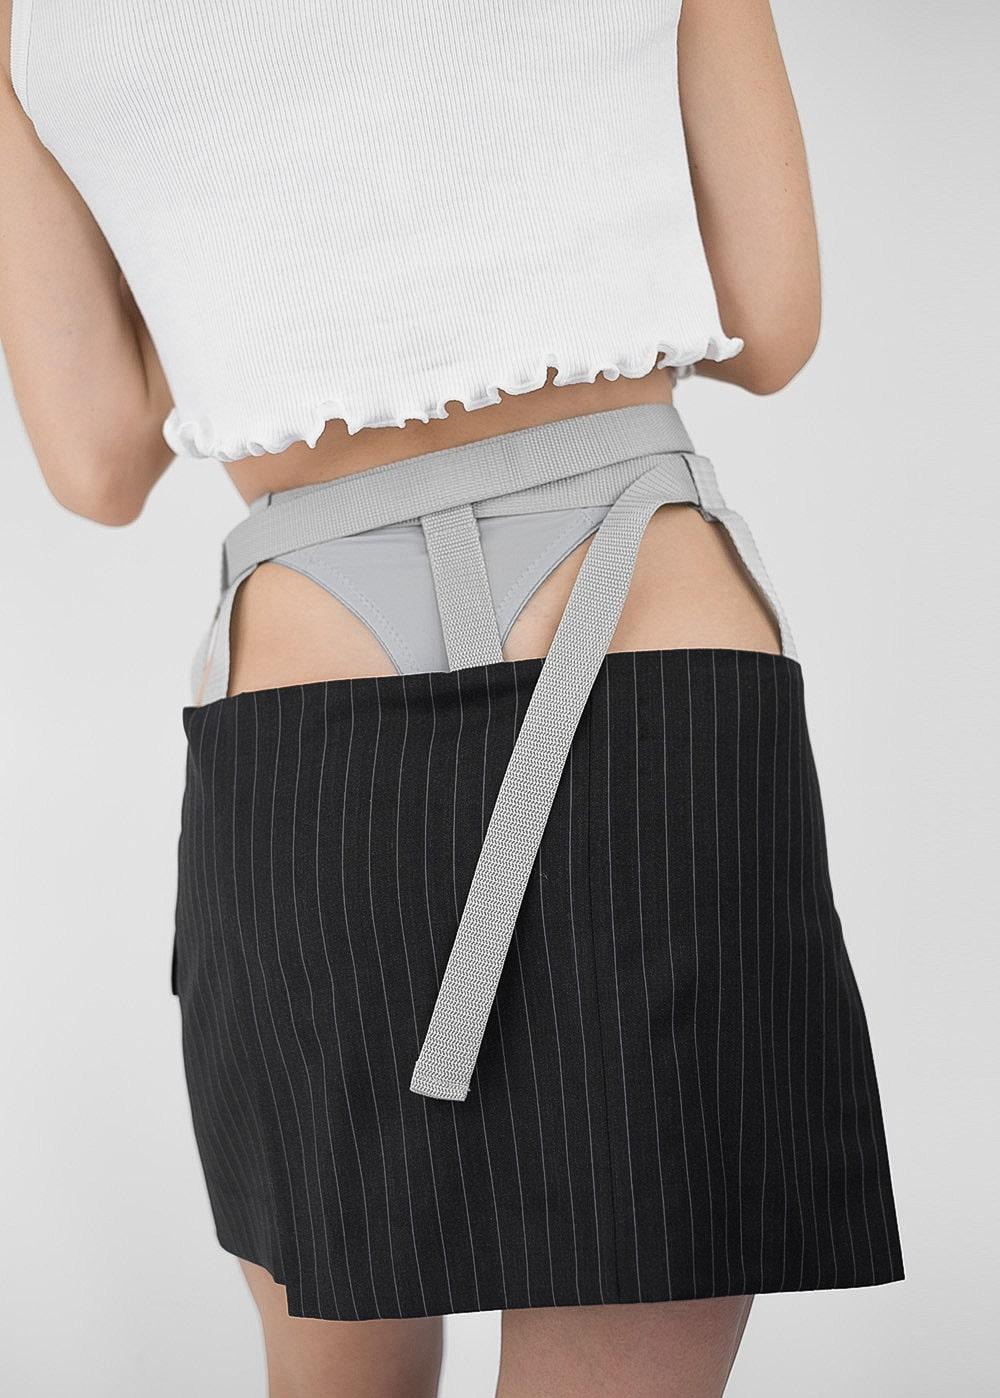 Levitation Skirt 51